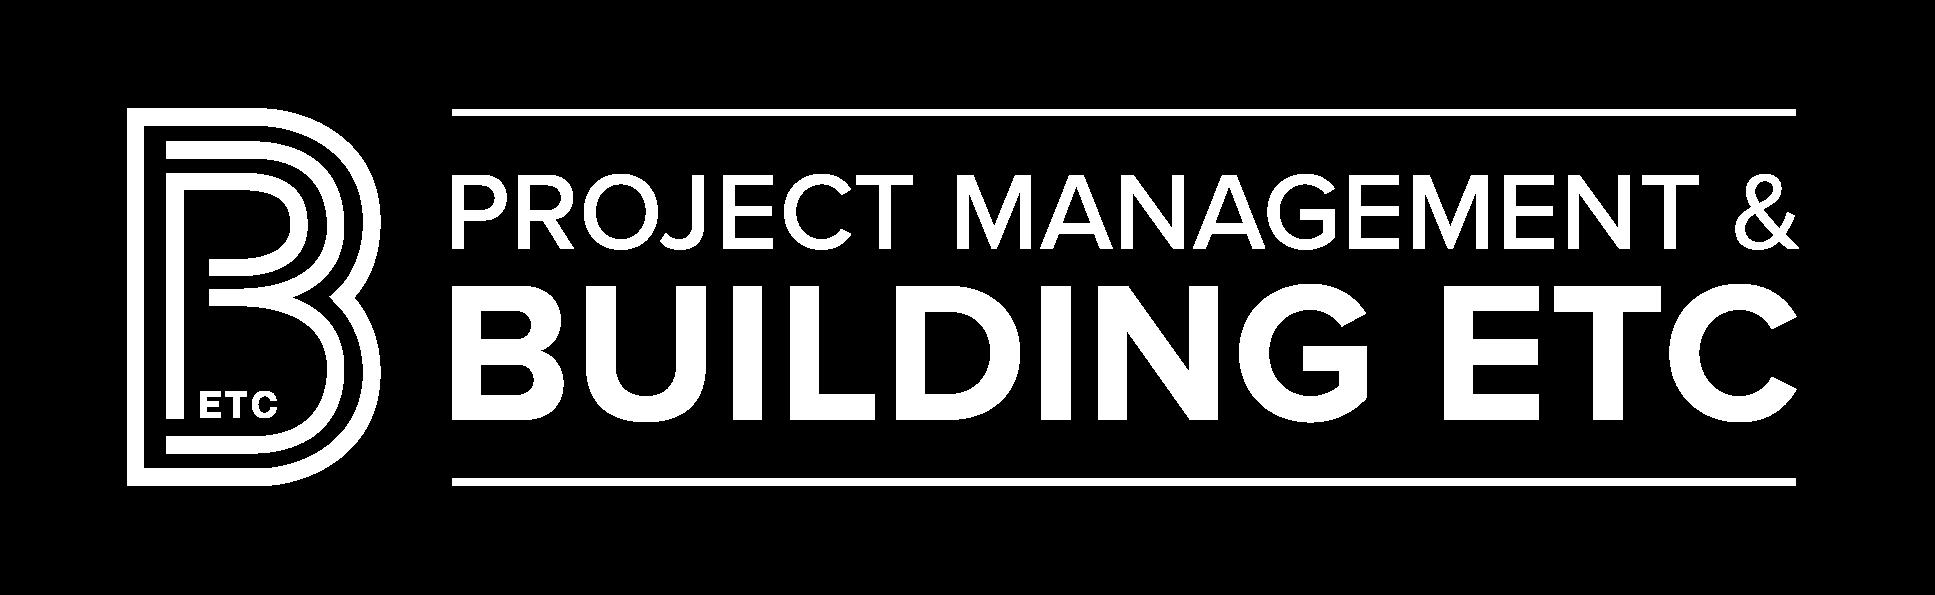 Building Etc.